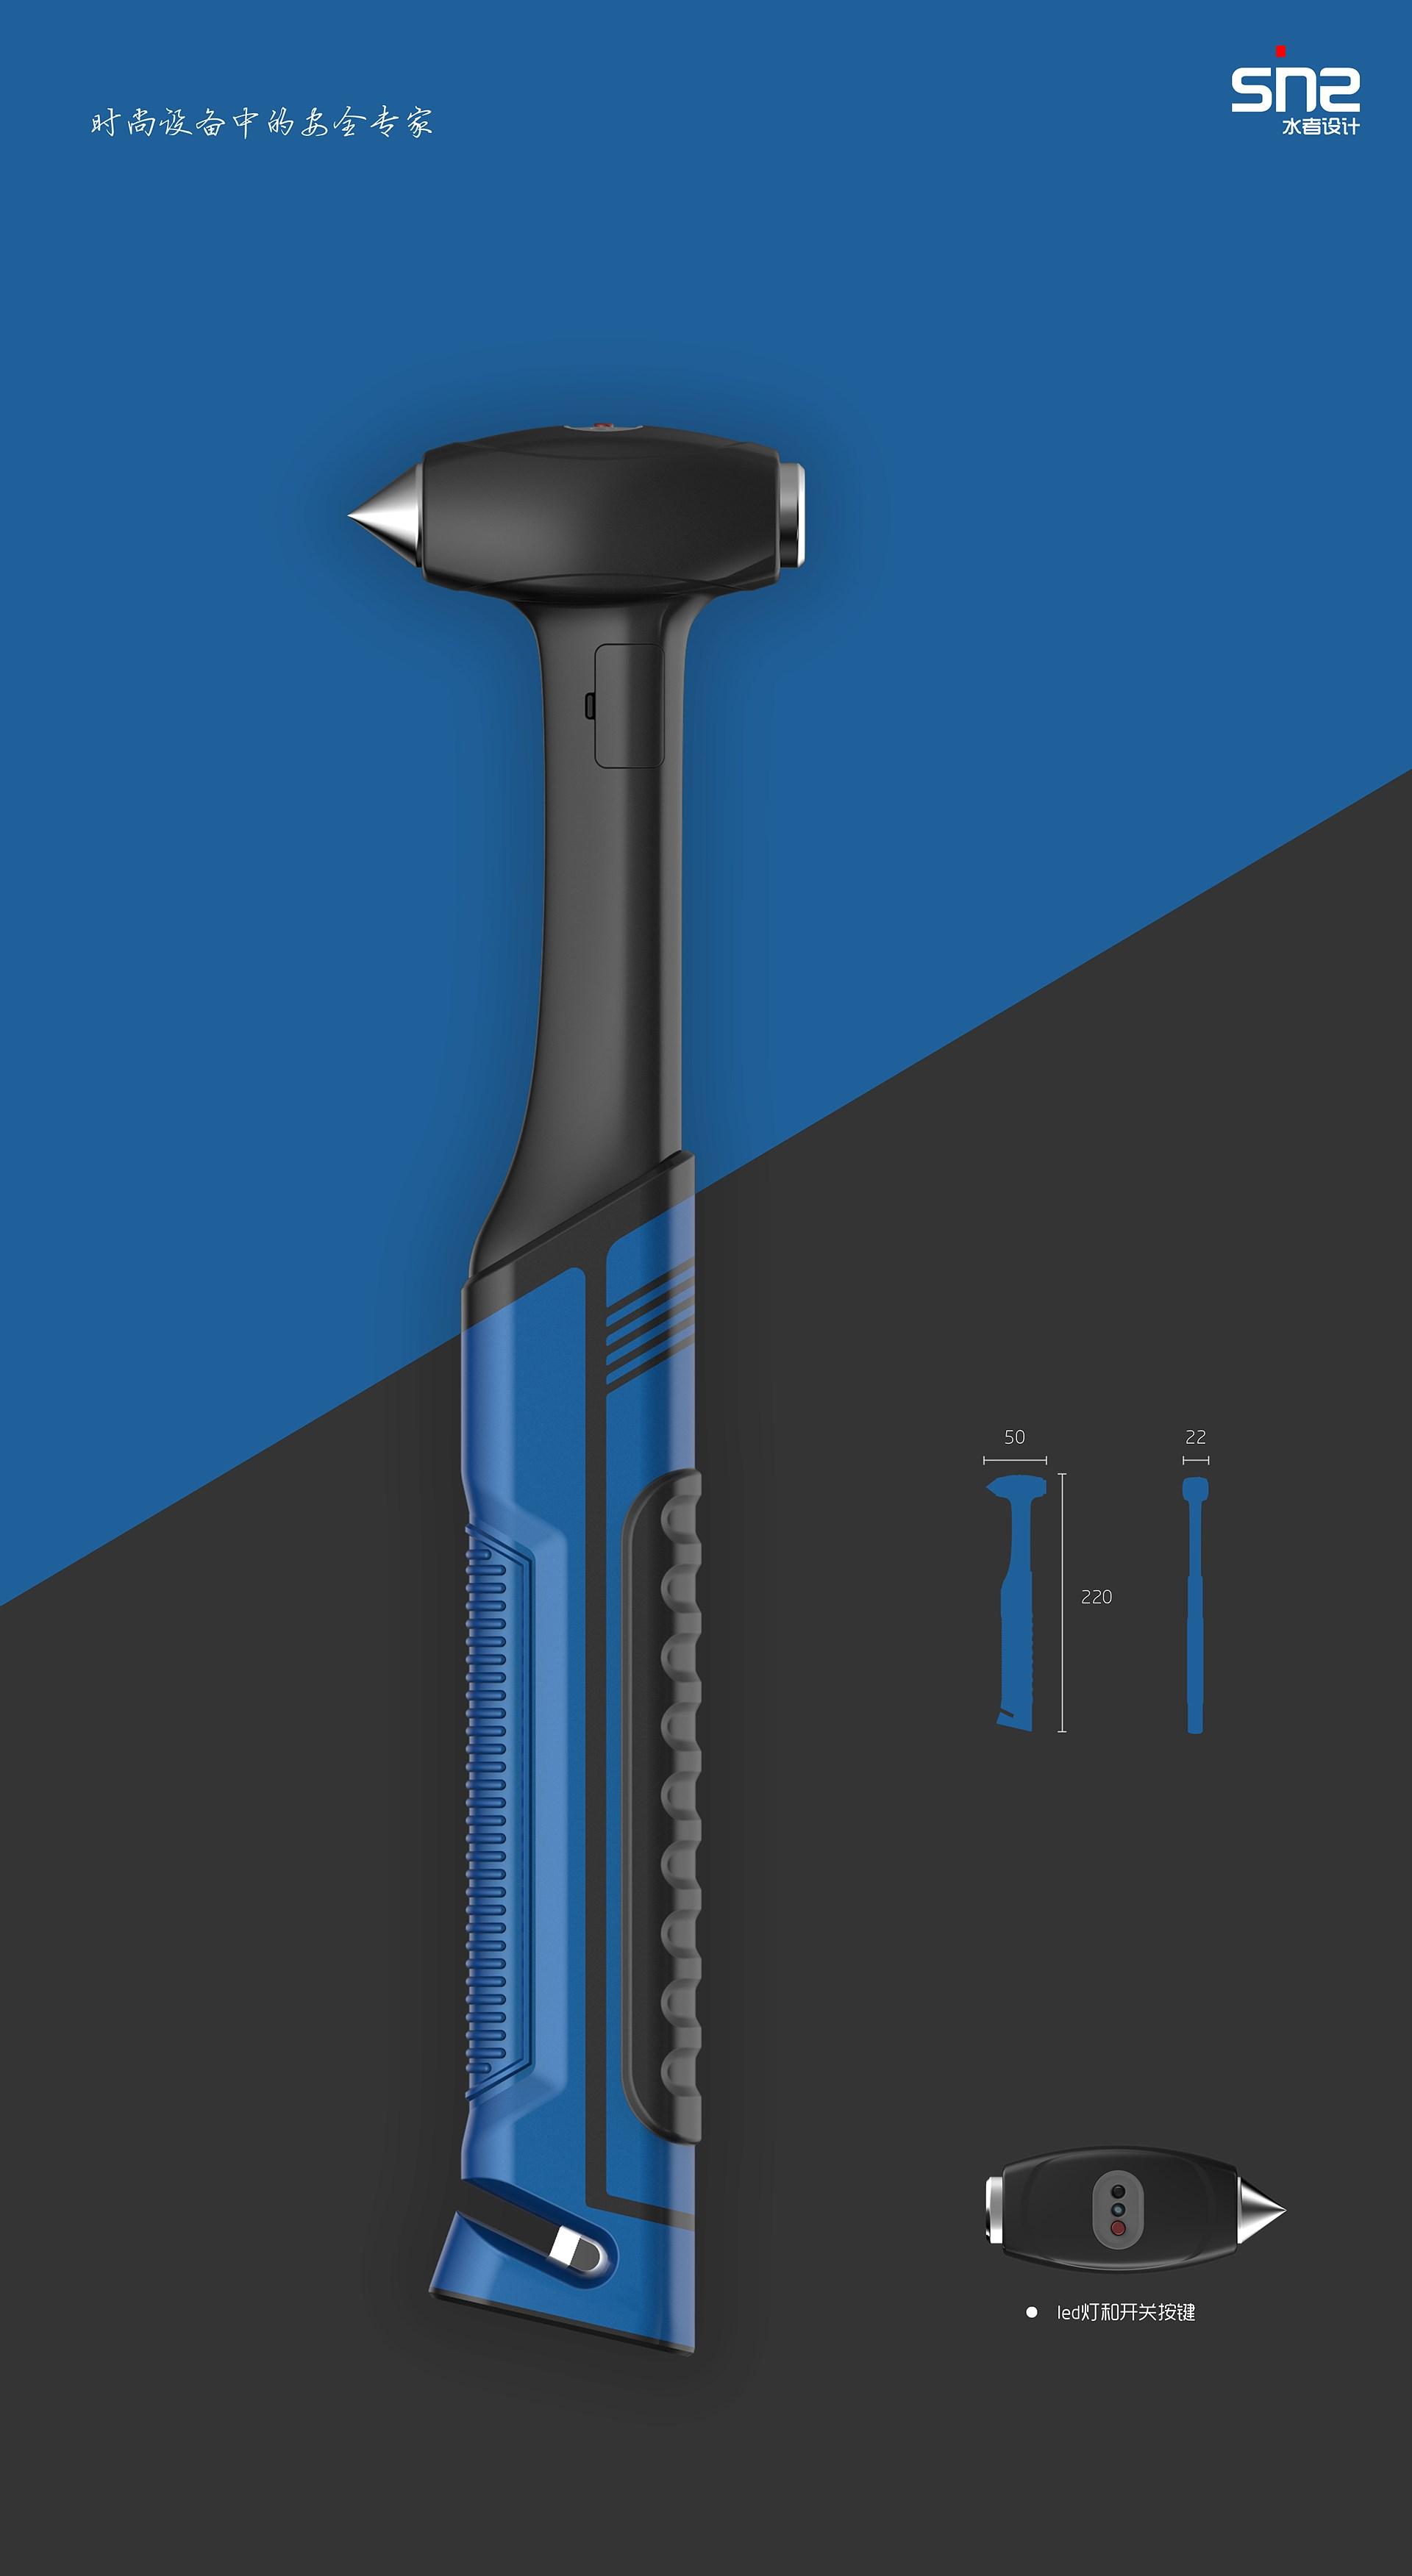 2安全锤工业设计1.jpg